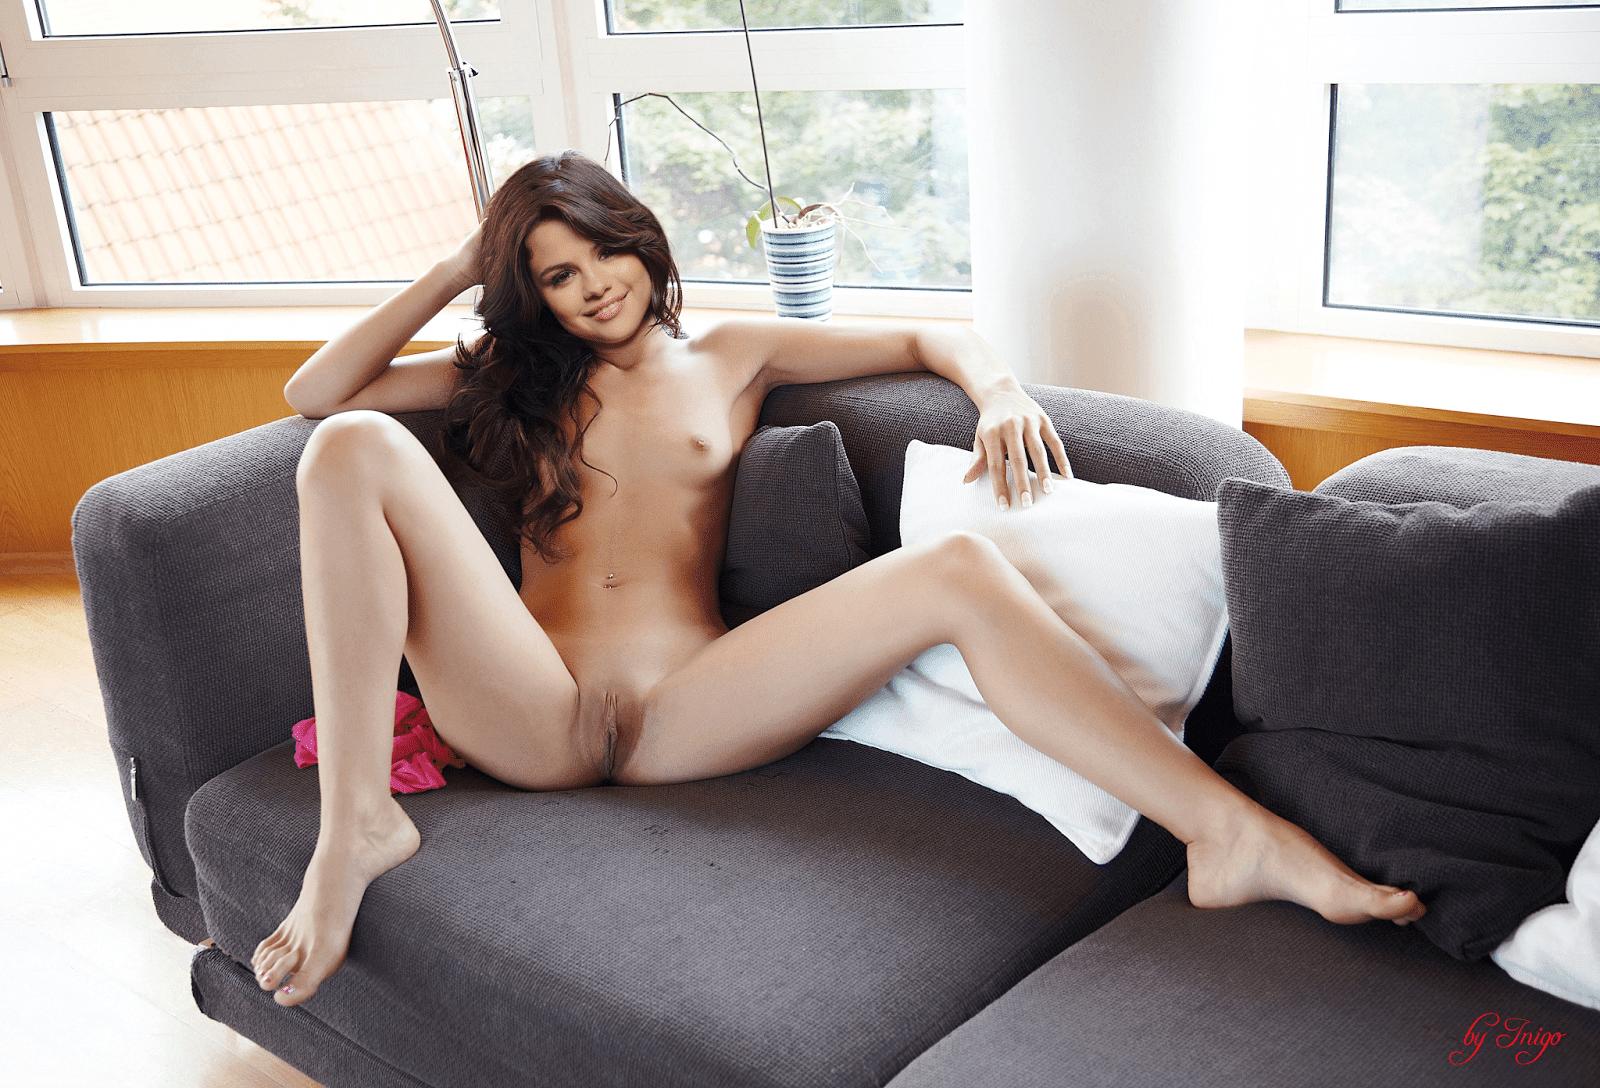 Selena gomez pussy pictures